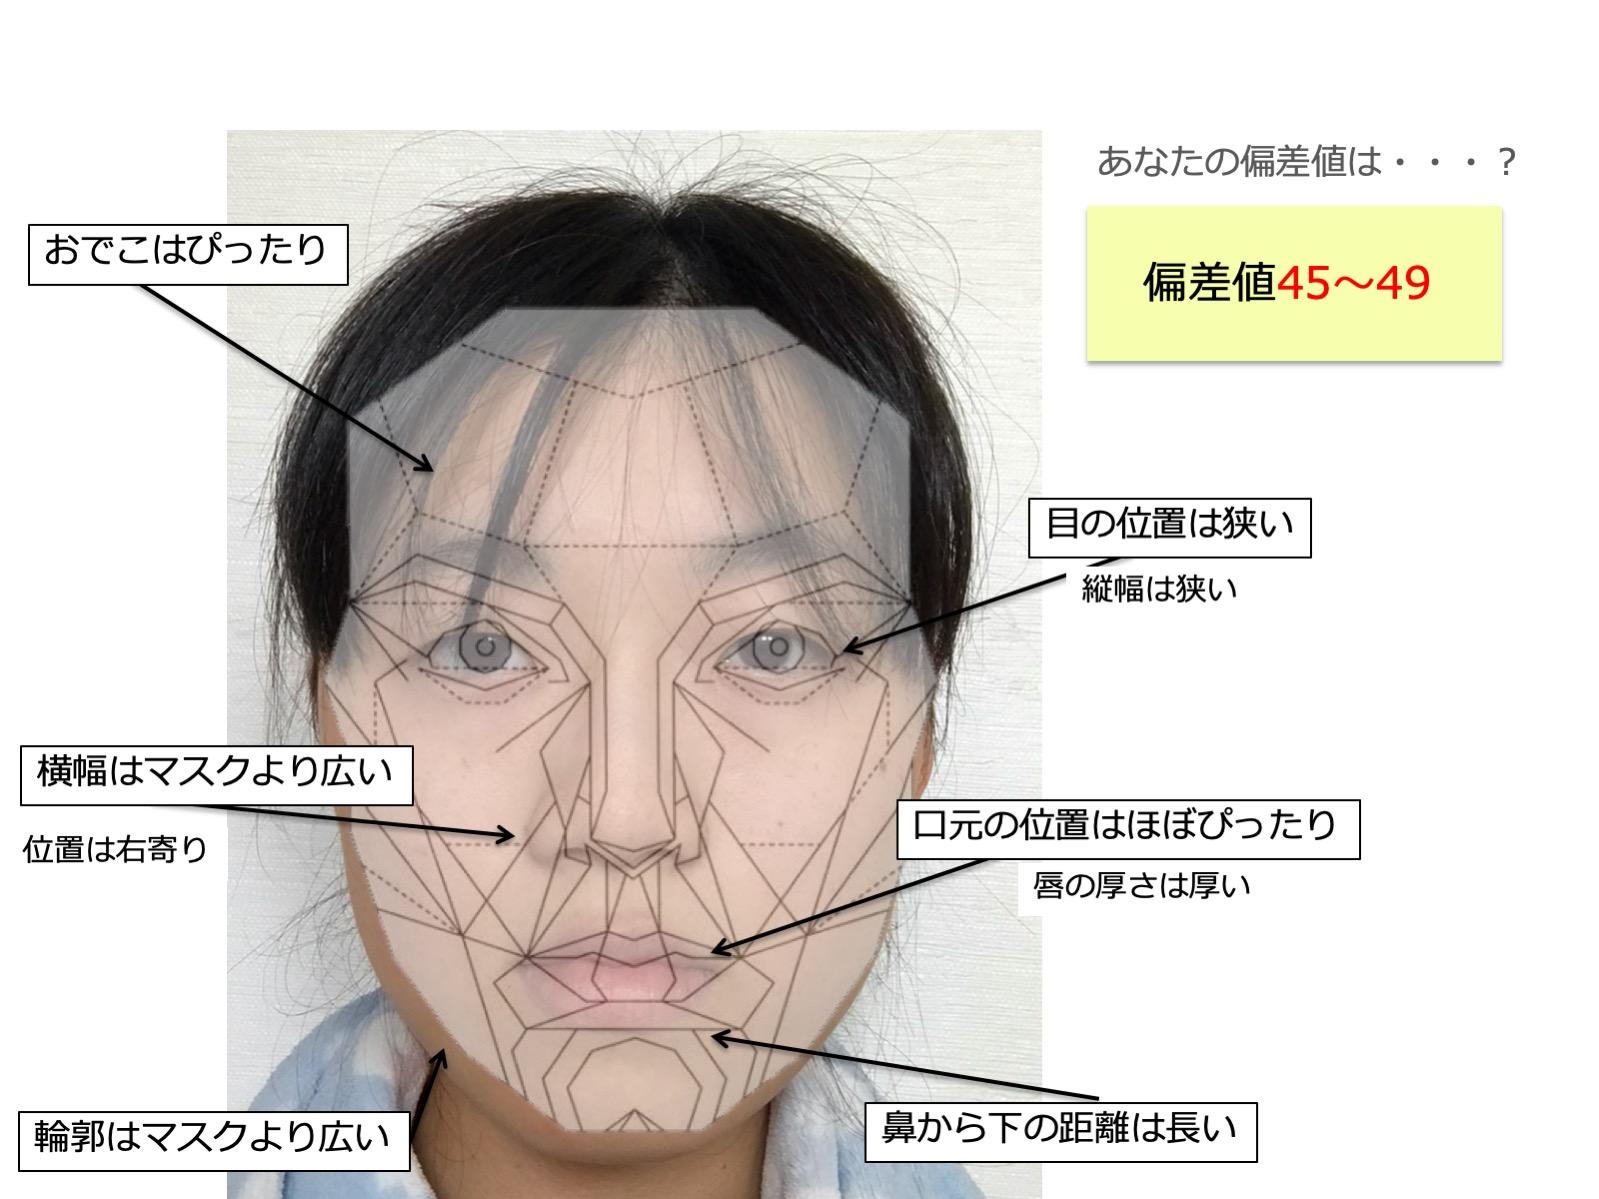 偏差 値 診断 顔面